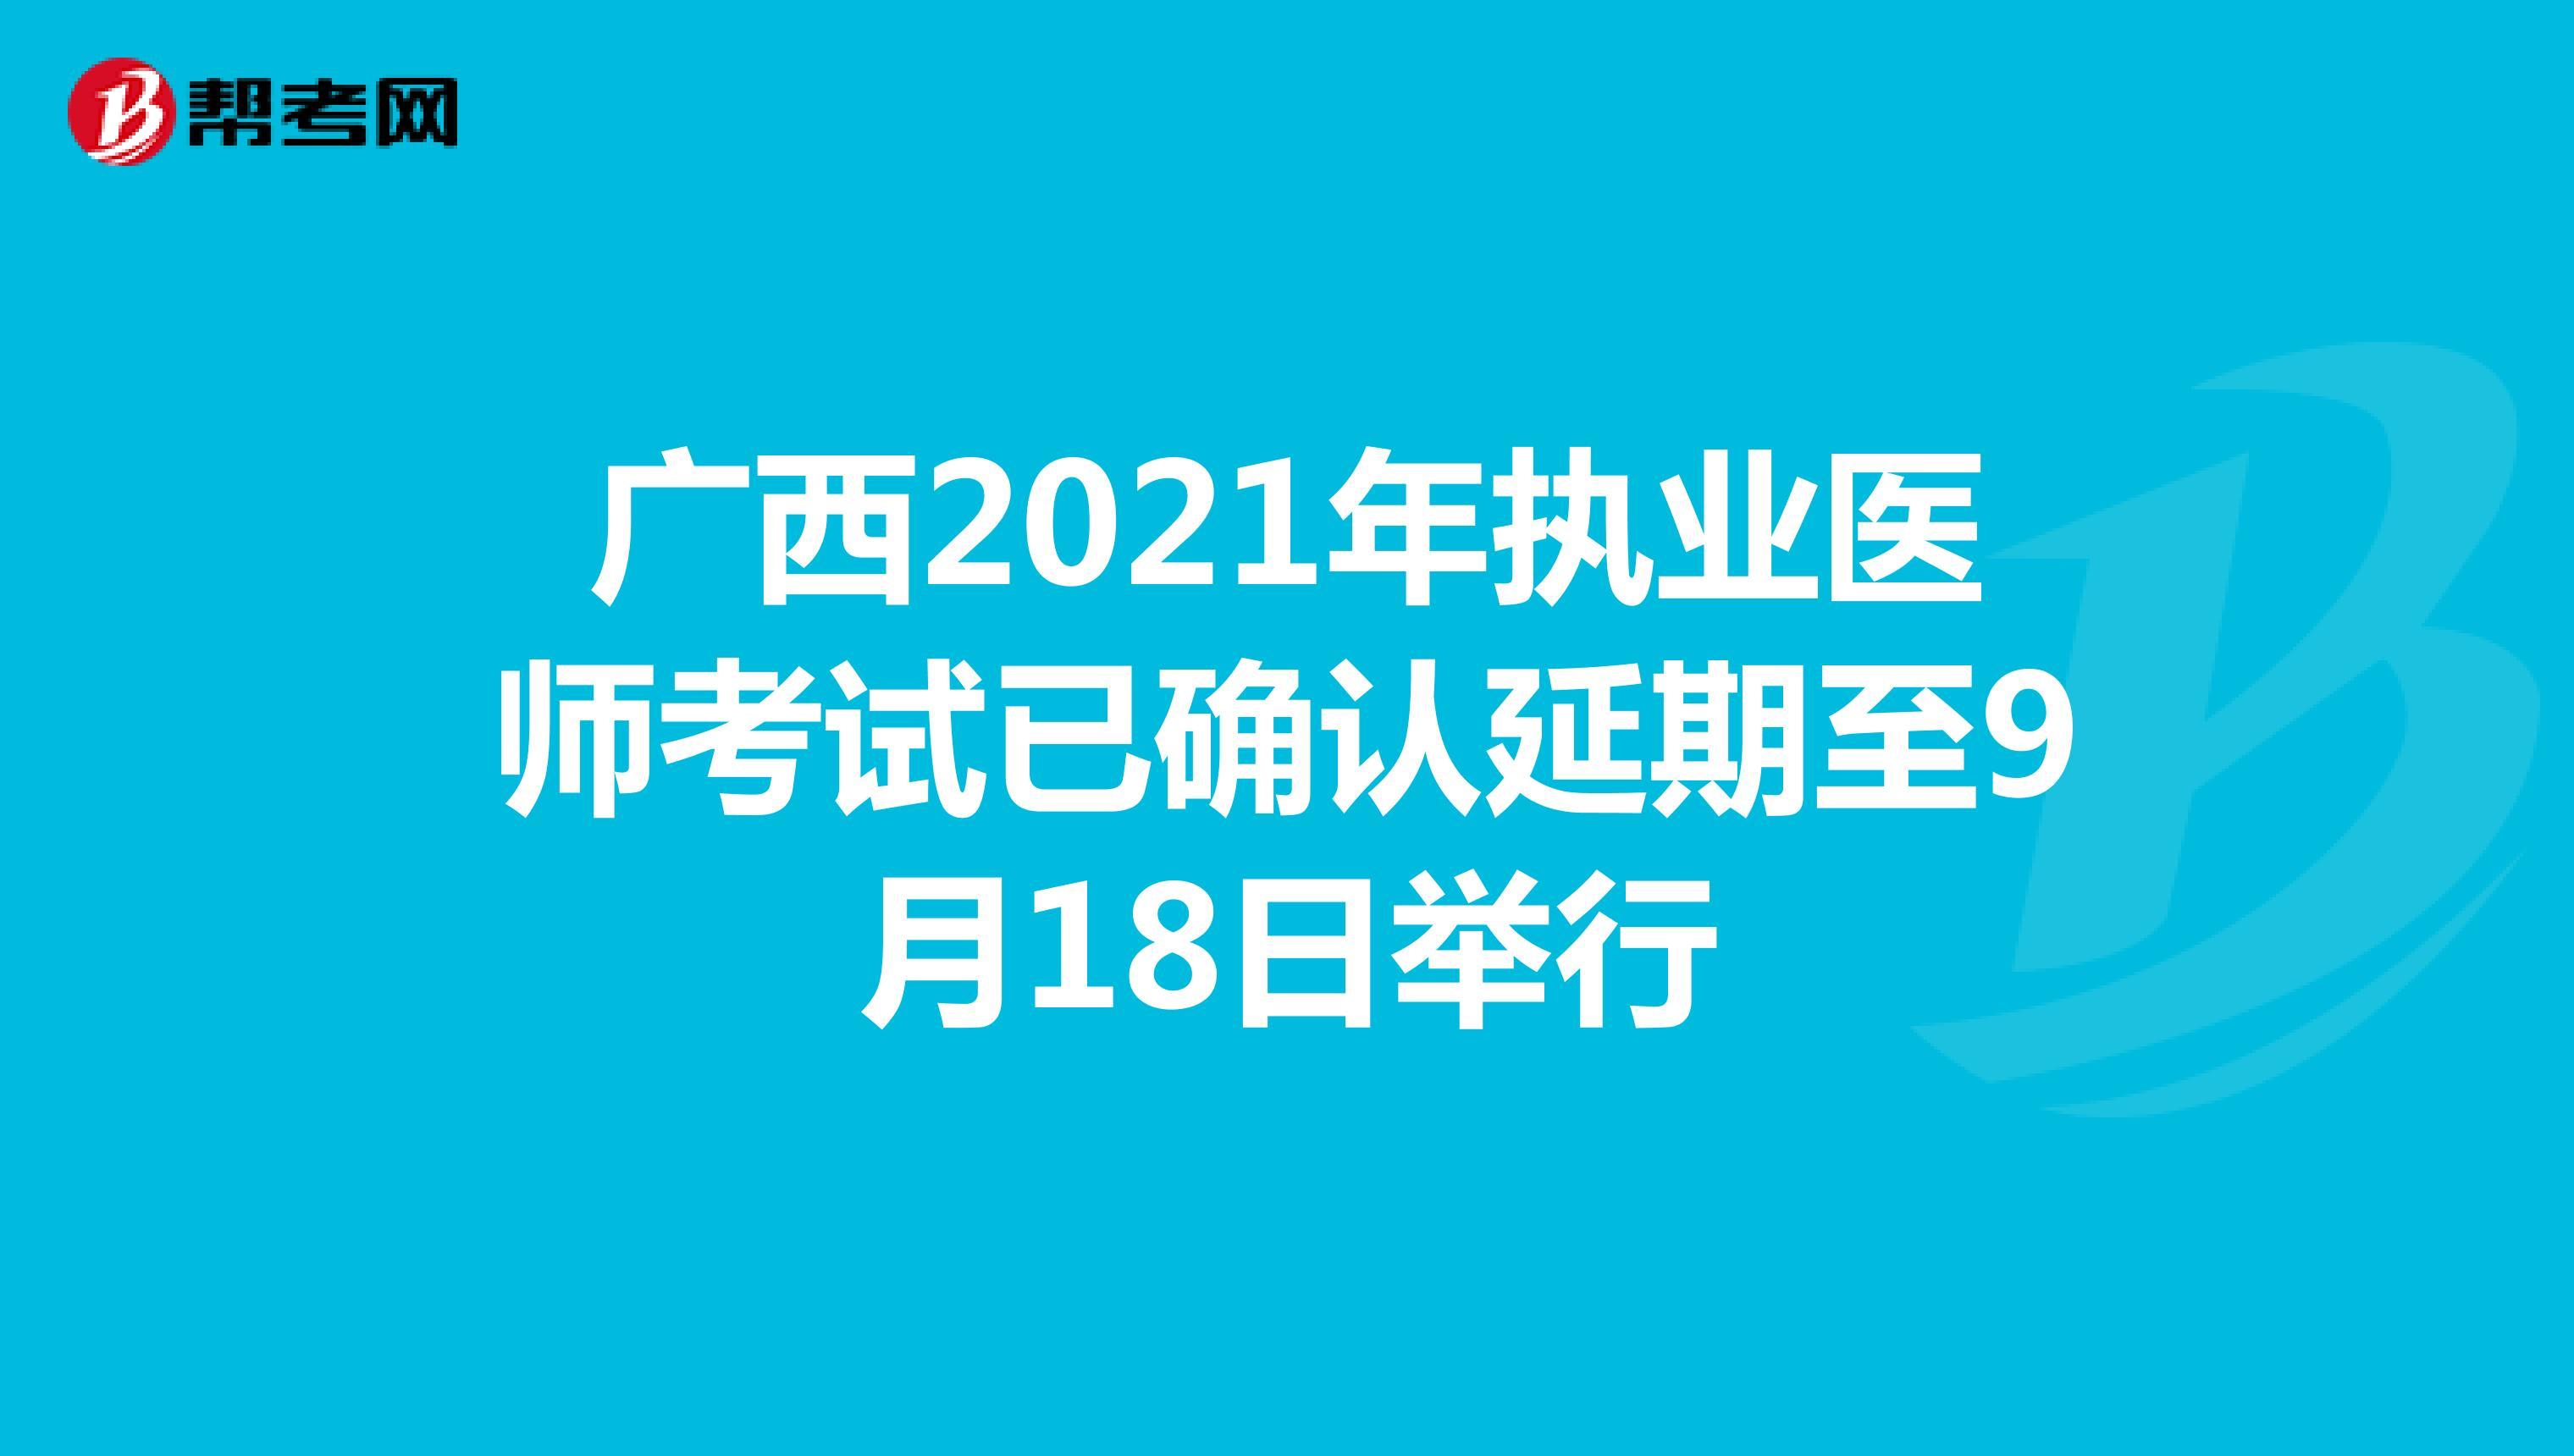 广西2021年执业医师考试已确认延期至9月18日举行